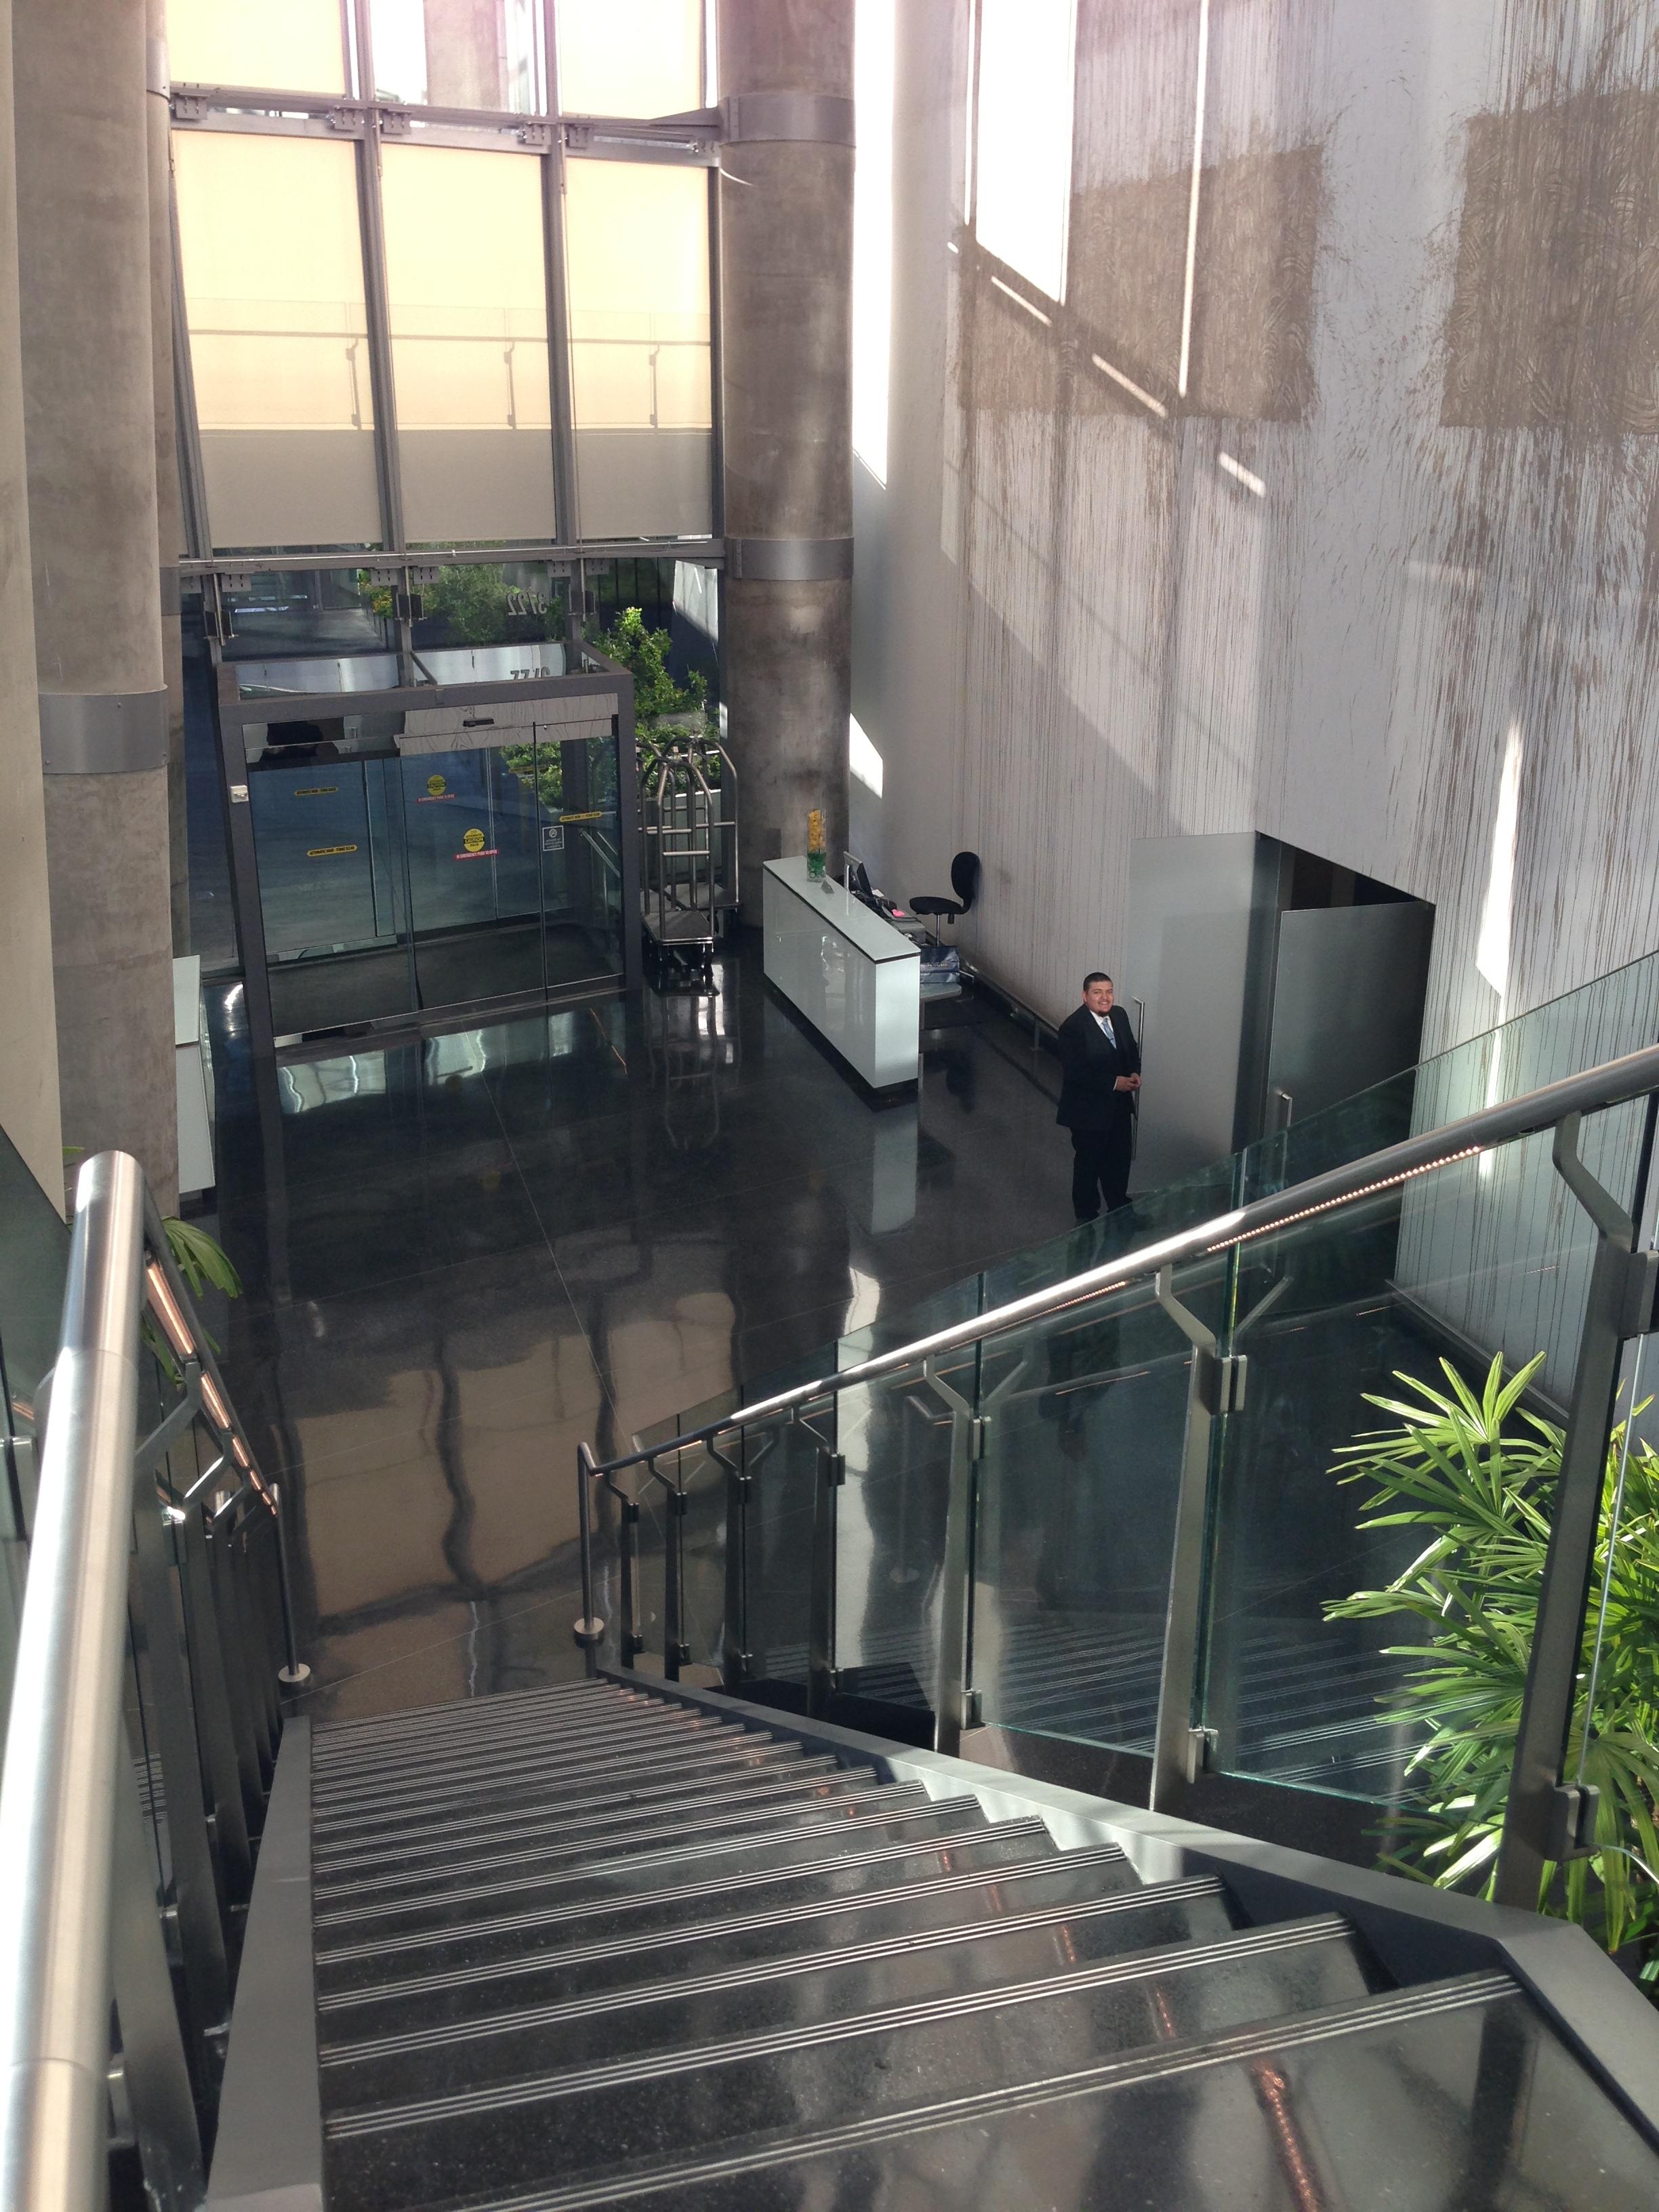 Veer Towers Floor Plan Three Bedroom Penthouse Vph 4: Veer Towers Las Vegas Luxury Condos For Sale